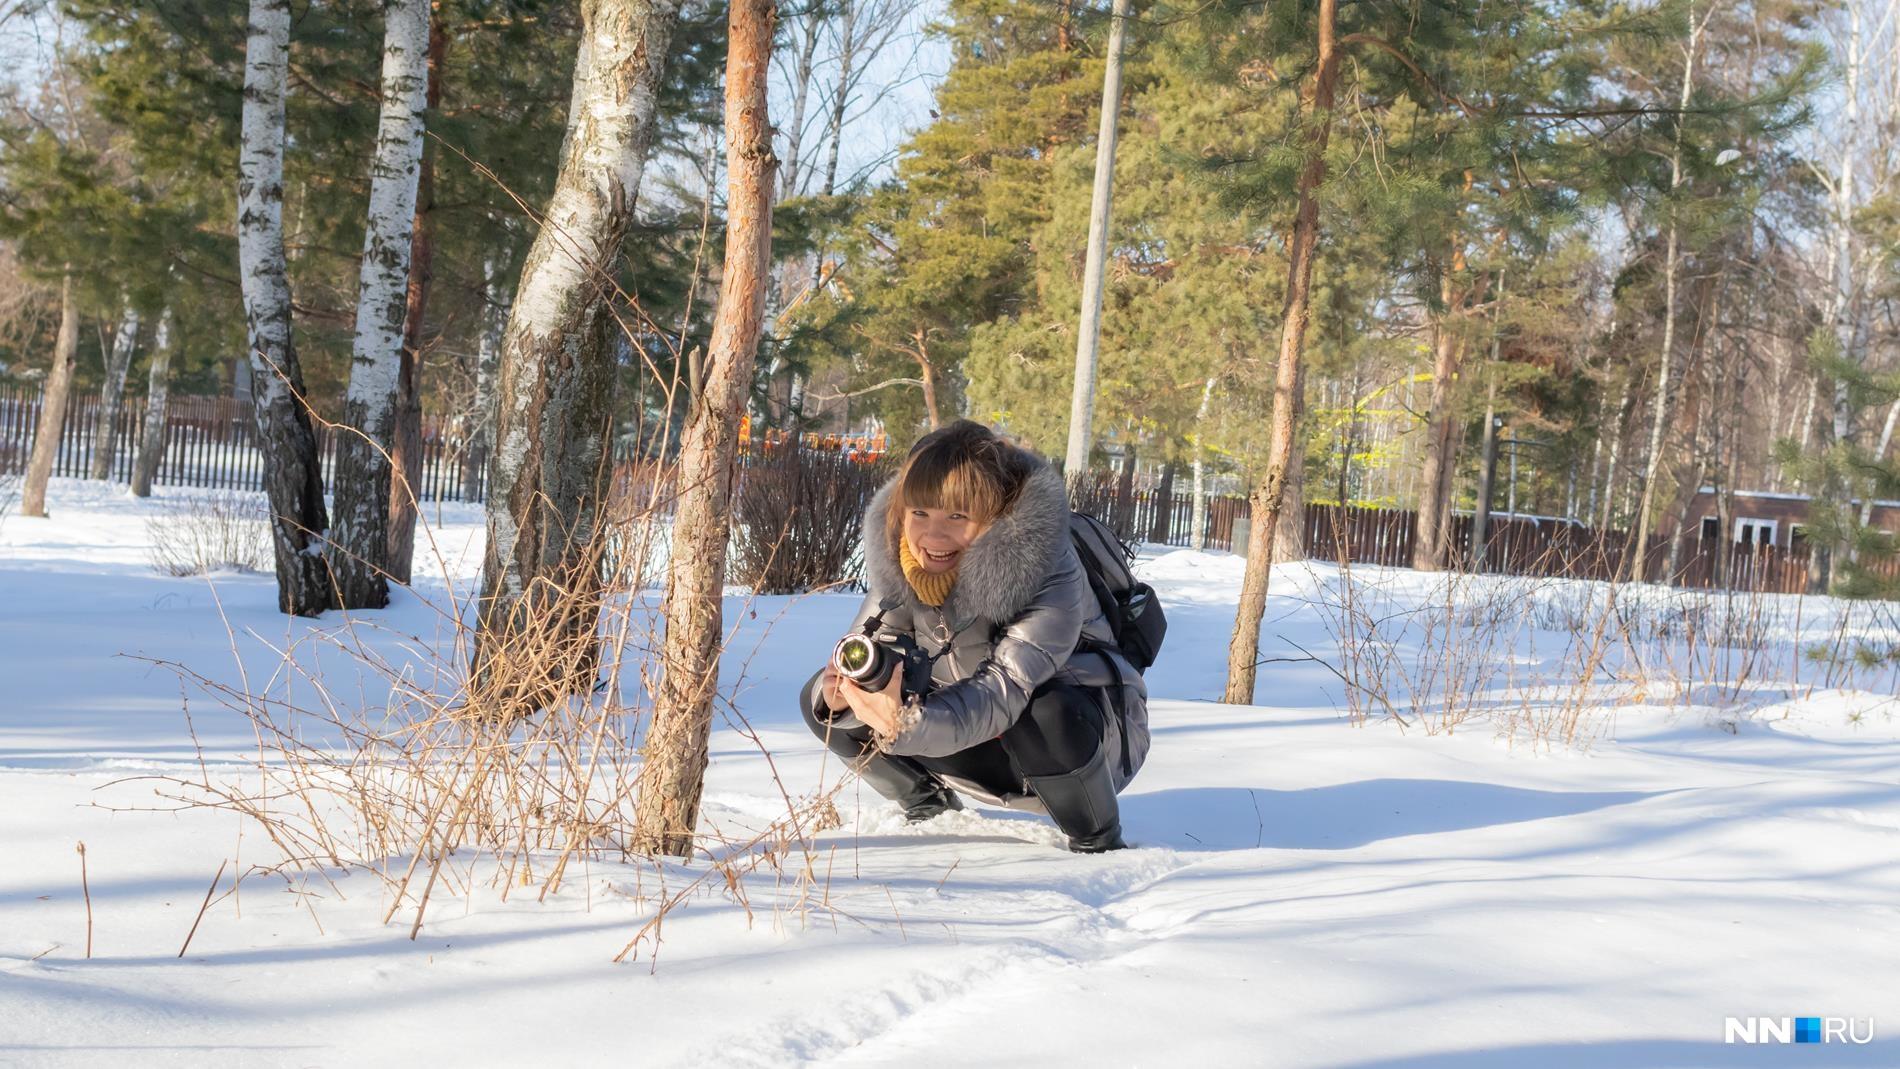 Не так-то просто сидеть на корточках в снегу, но главное позитивный настрой